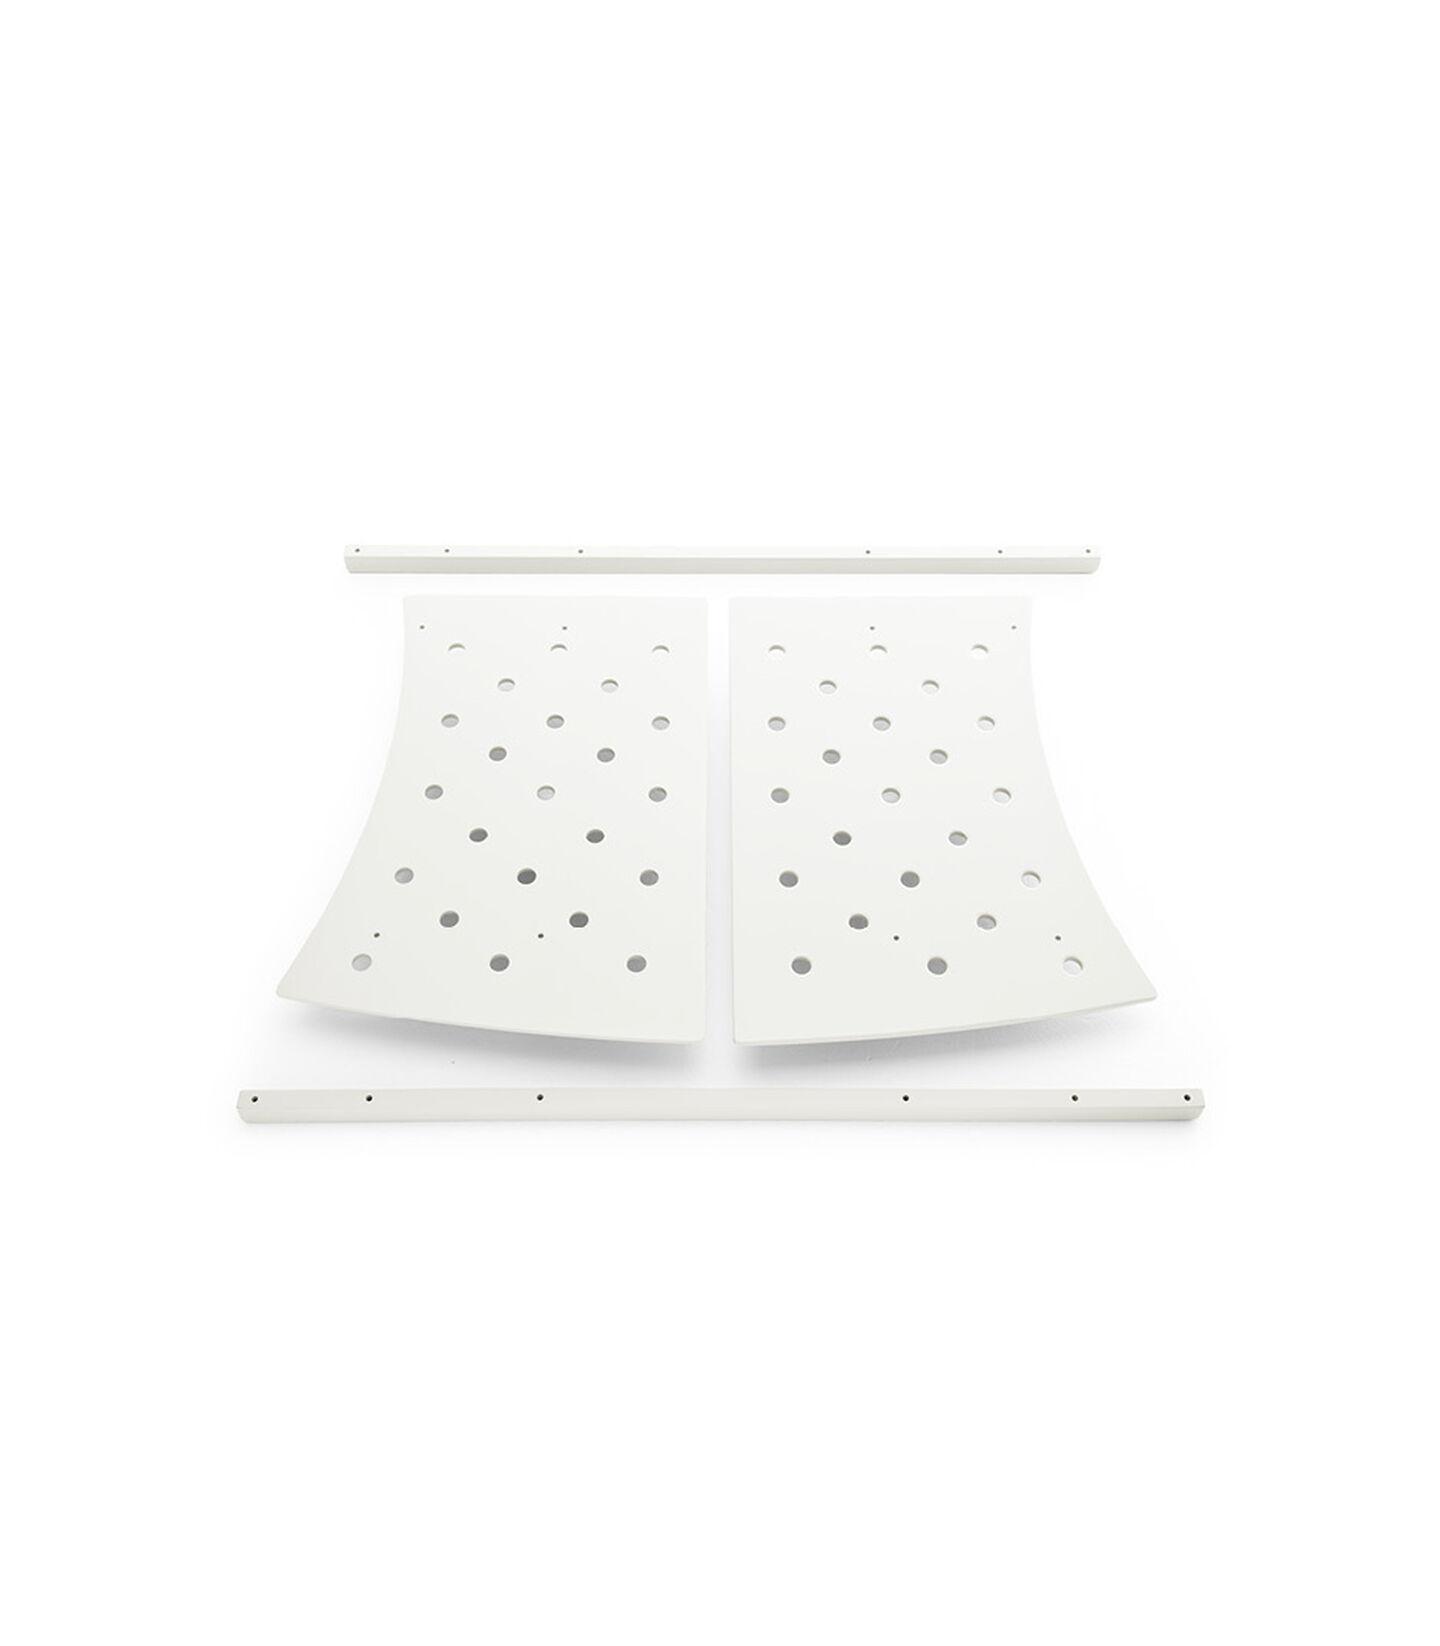 Stokke® Sleepi™ Junior Forlængersæt White, White, mainview view 1